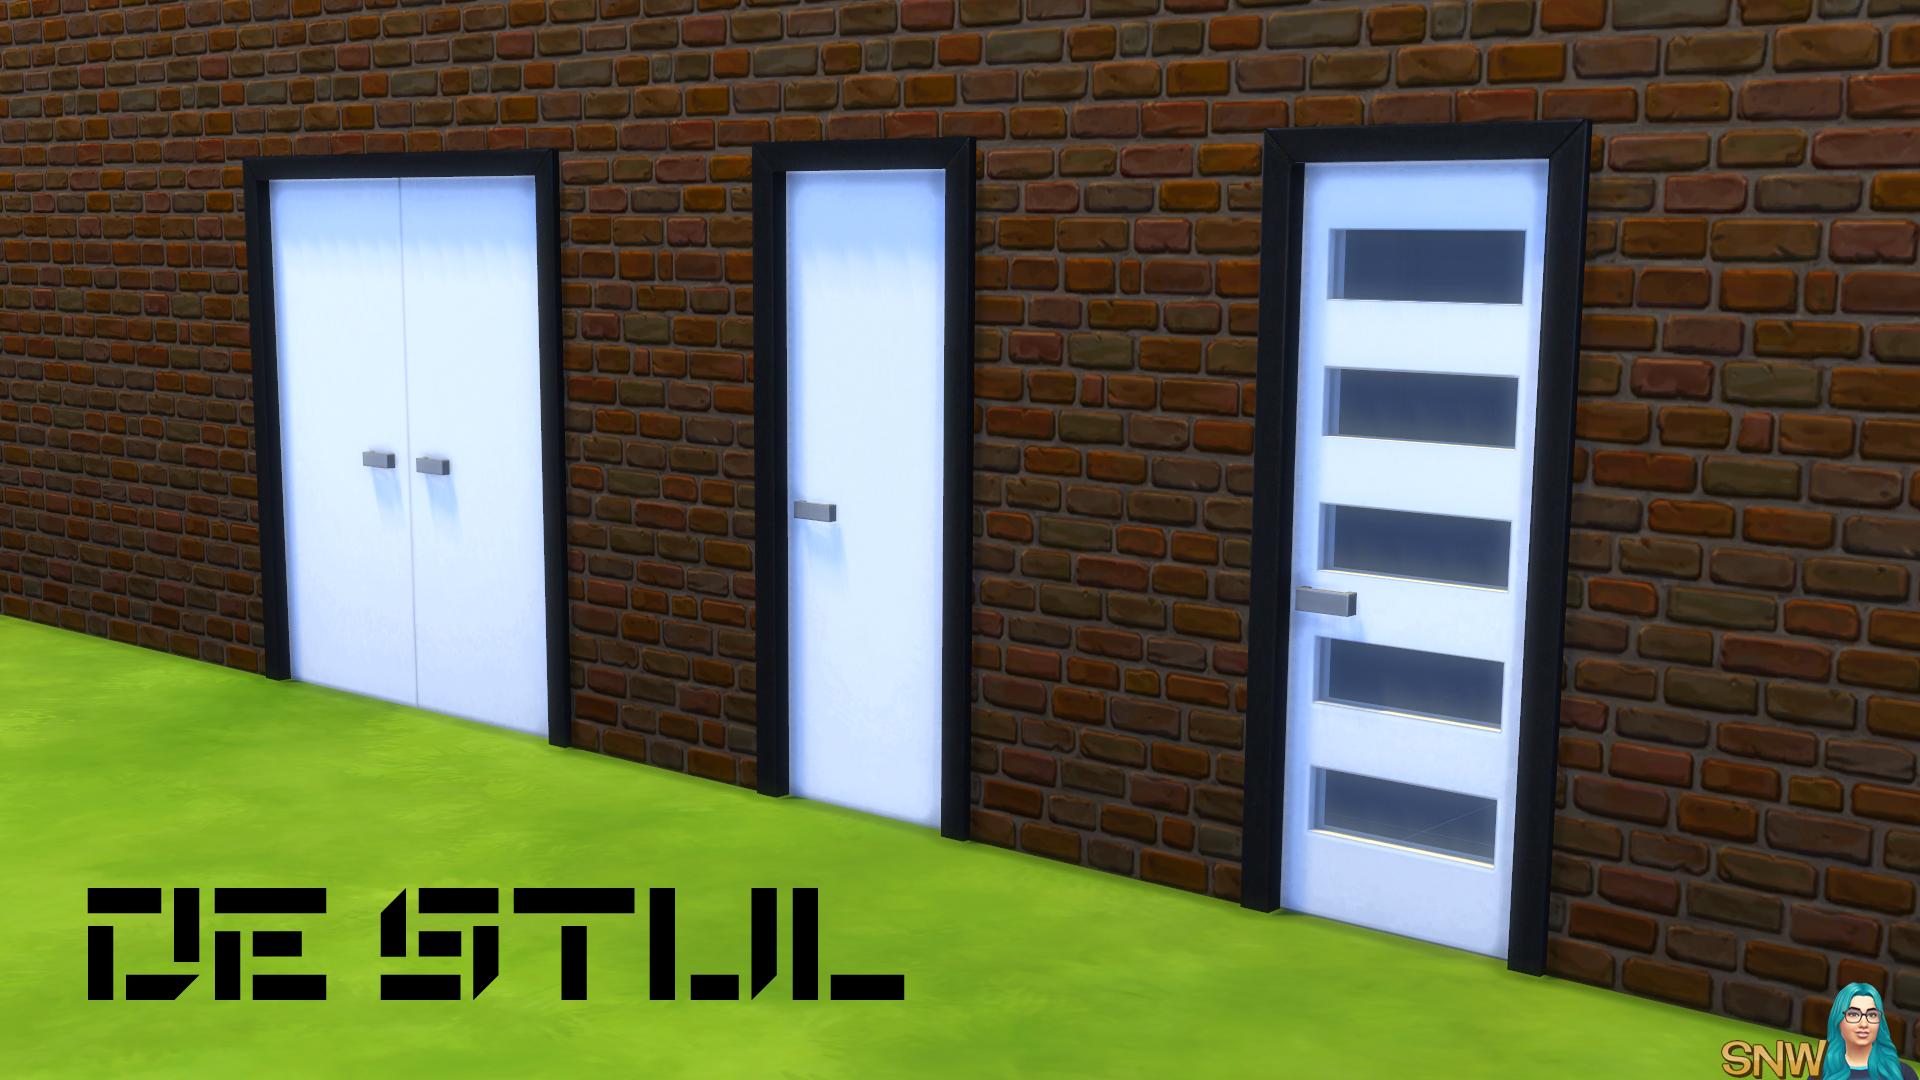 De Stijl Modern Front Door 6 Snw Simsnetwork Com